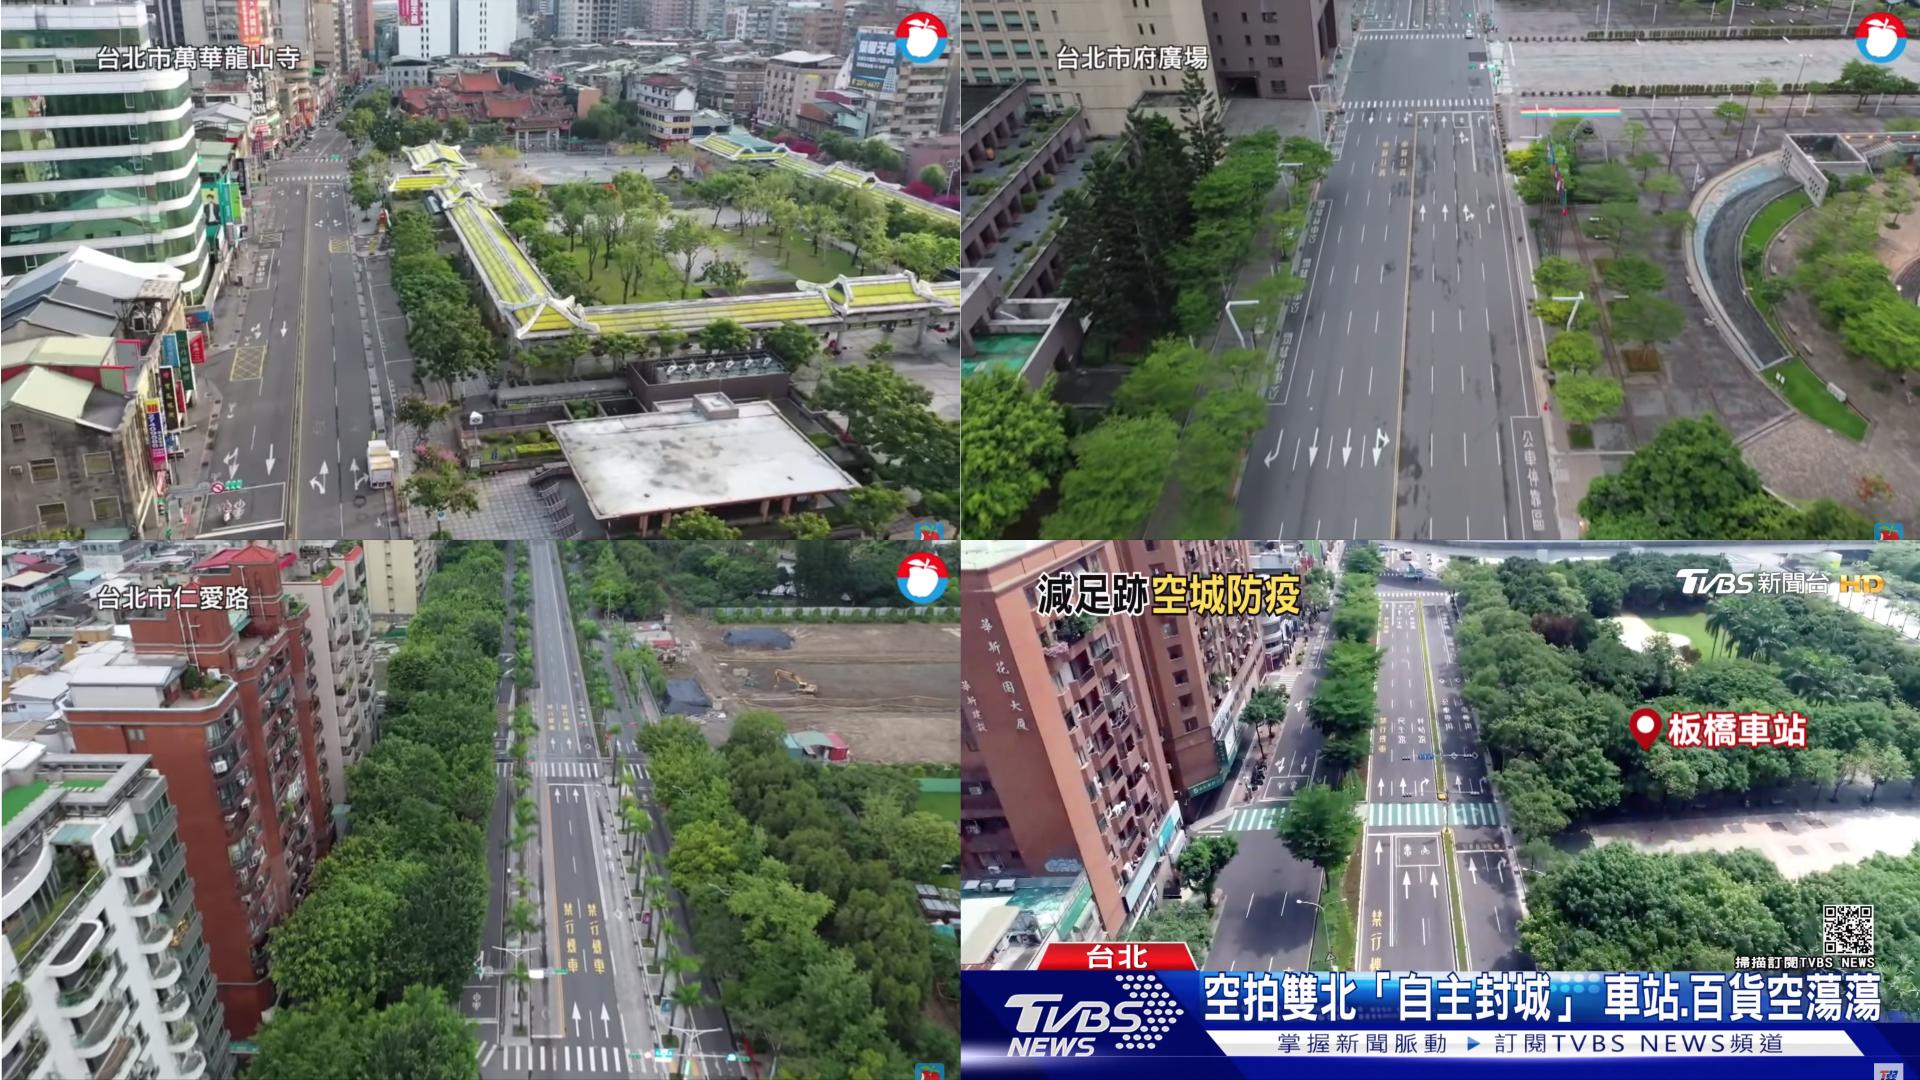 三級警戒延至 6 月 14 日 各大媒體空拍雙北「自主封城」街道冷清